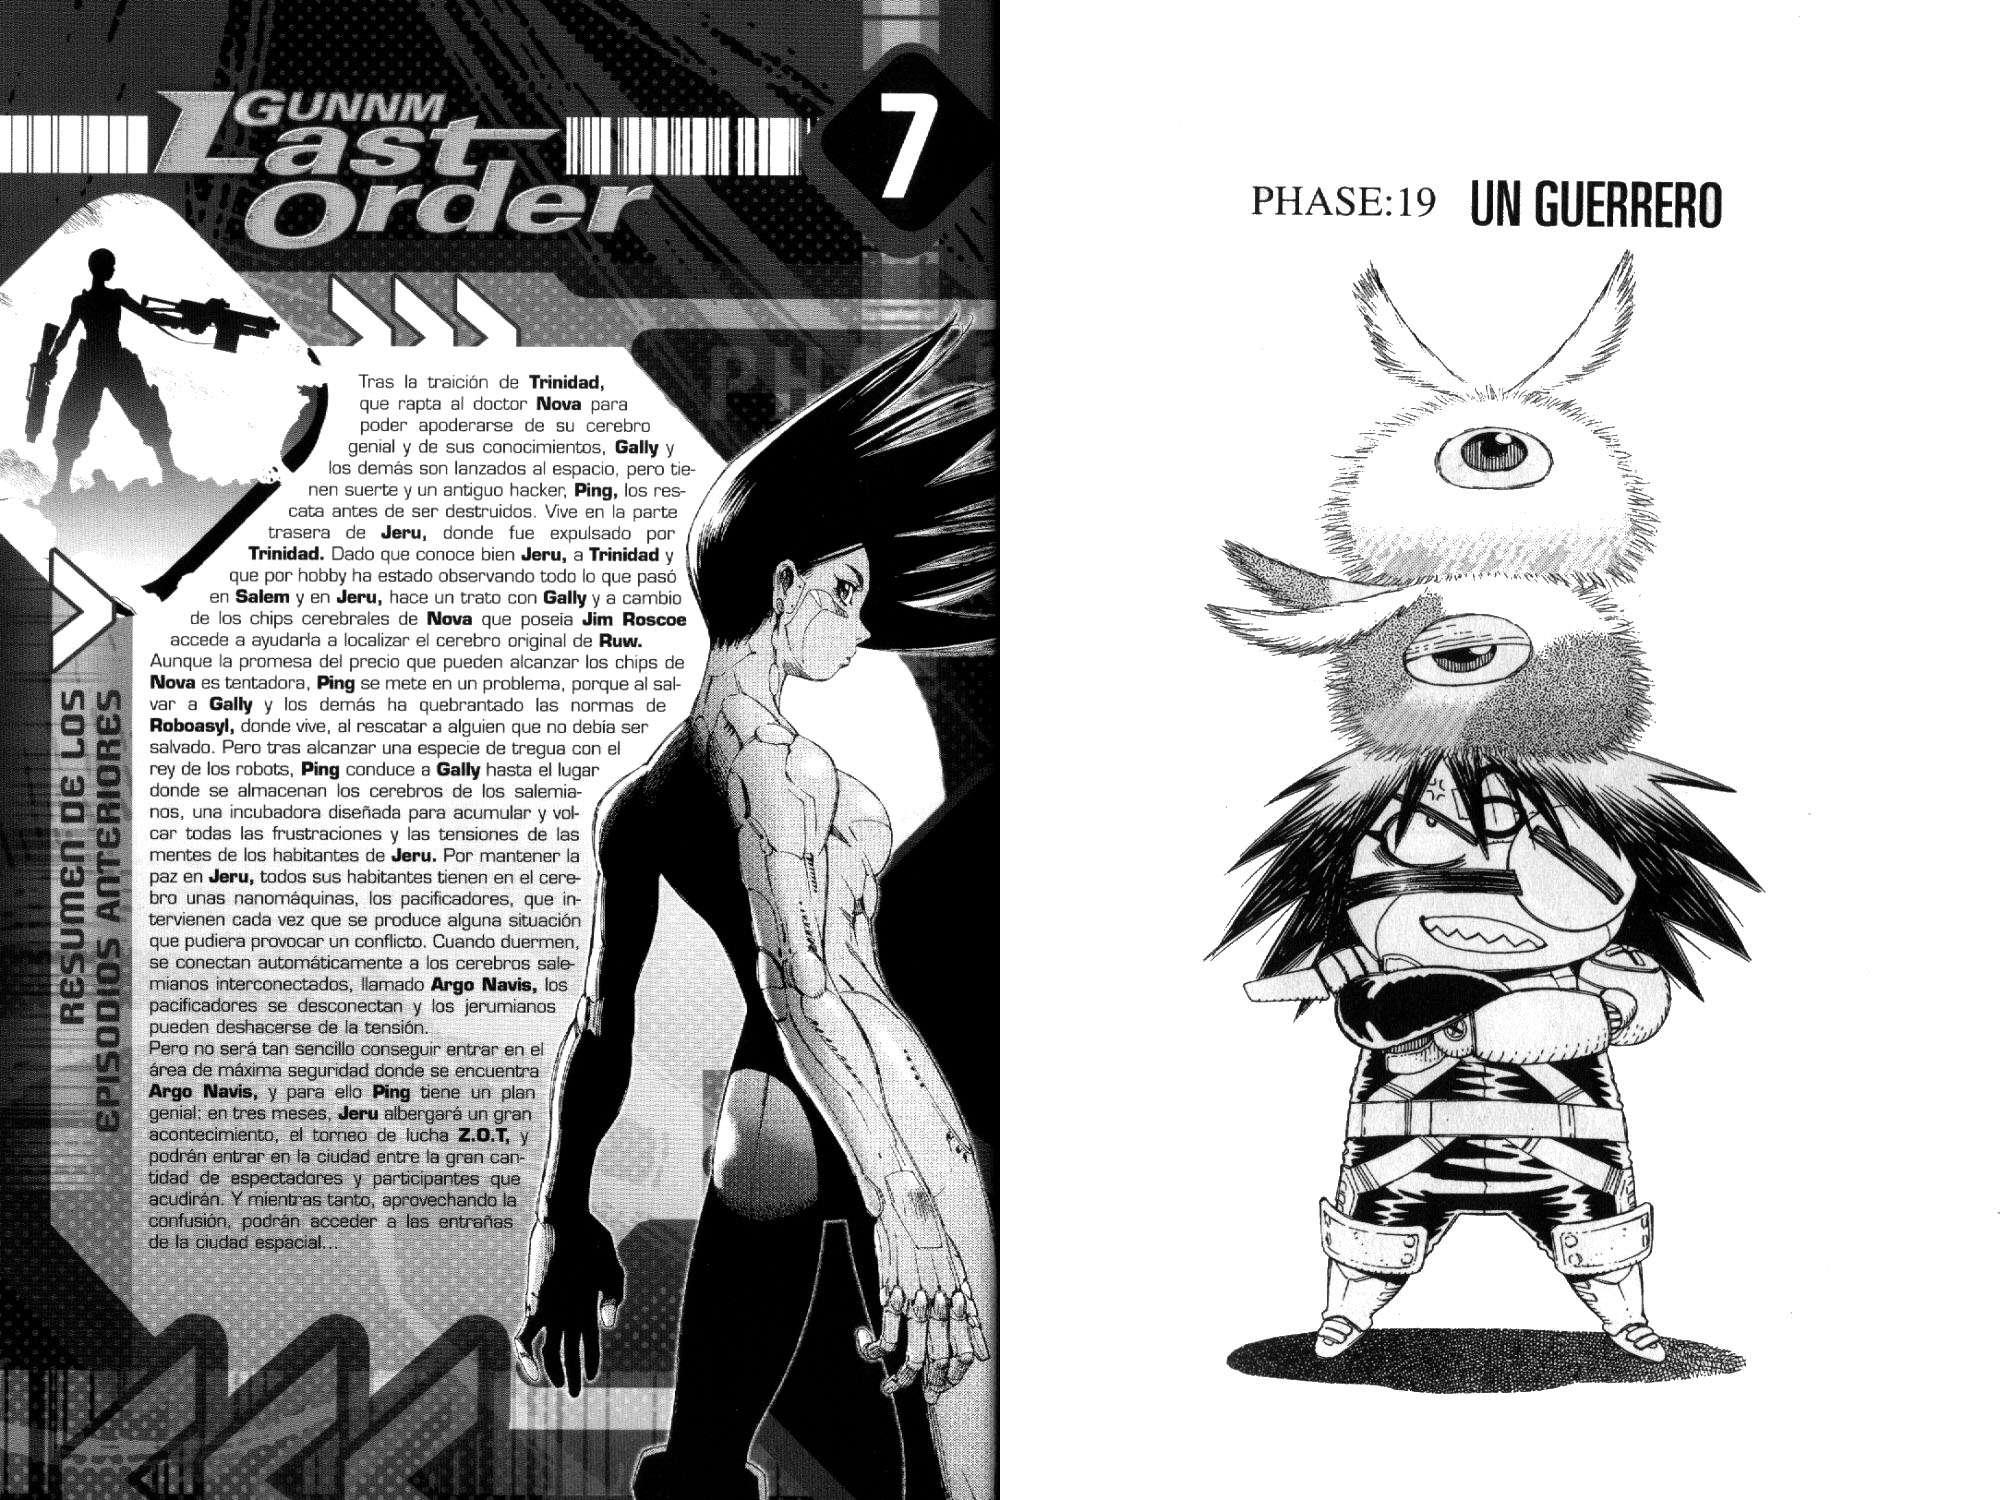 http://c5.ninemanga.com/es_manga/1/15873/402033/4fedf8bebdf009aa7365fbbb8d71df4e.jpg Page 2